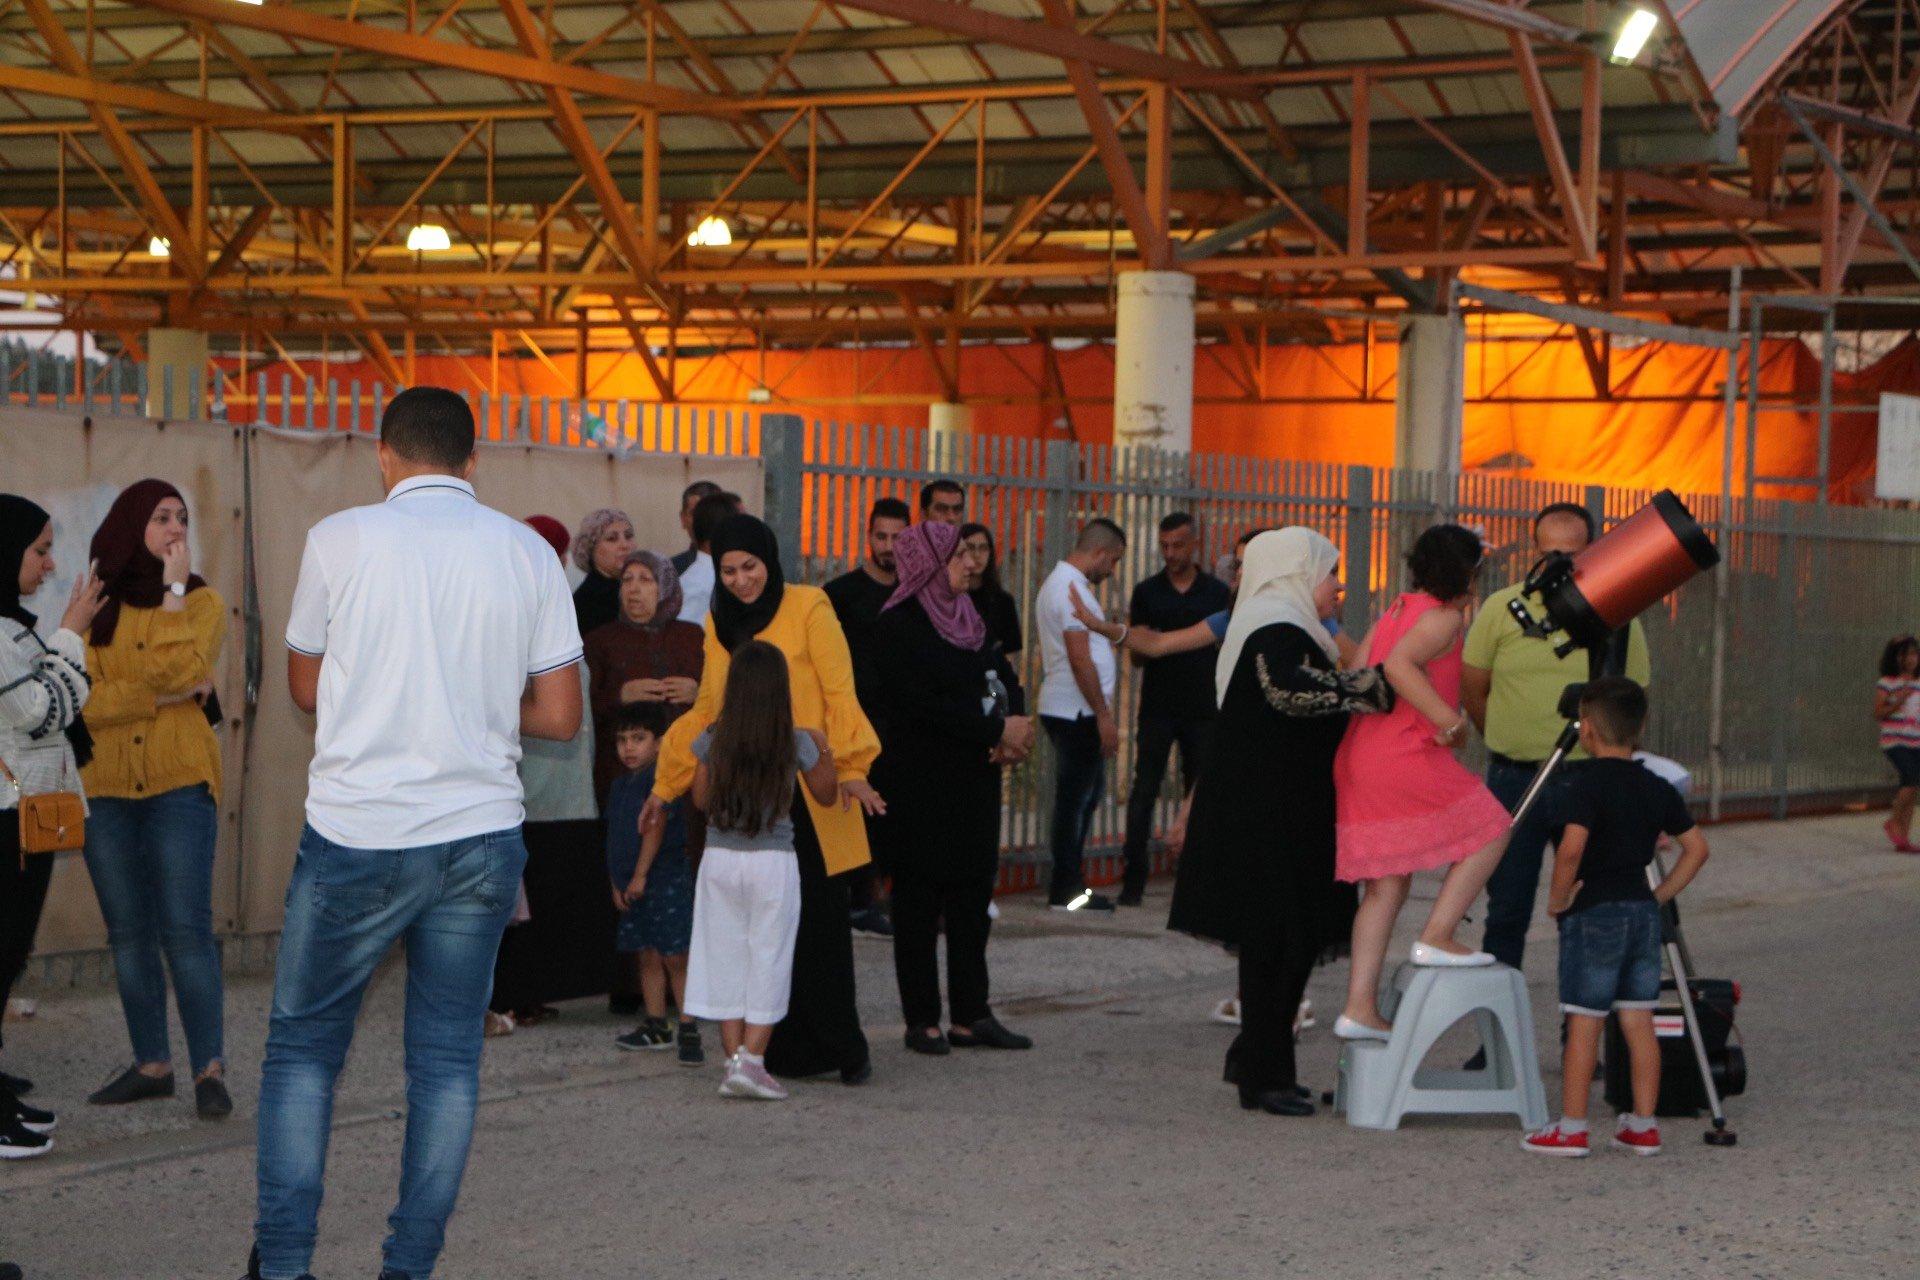 ام الفحم: حضور واسع في الأمسية الفلكية لـاستروبيا